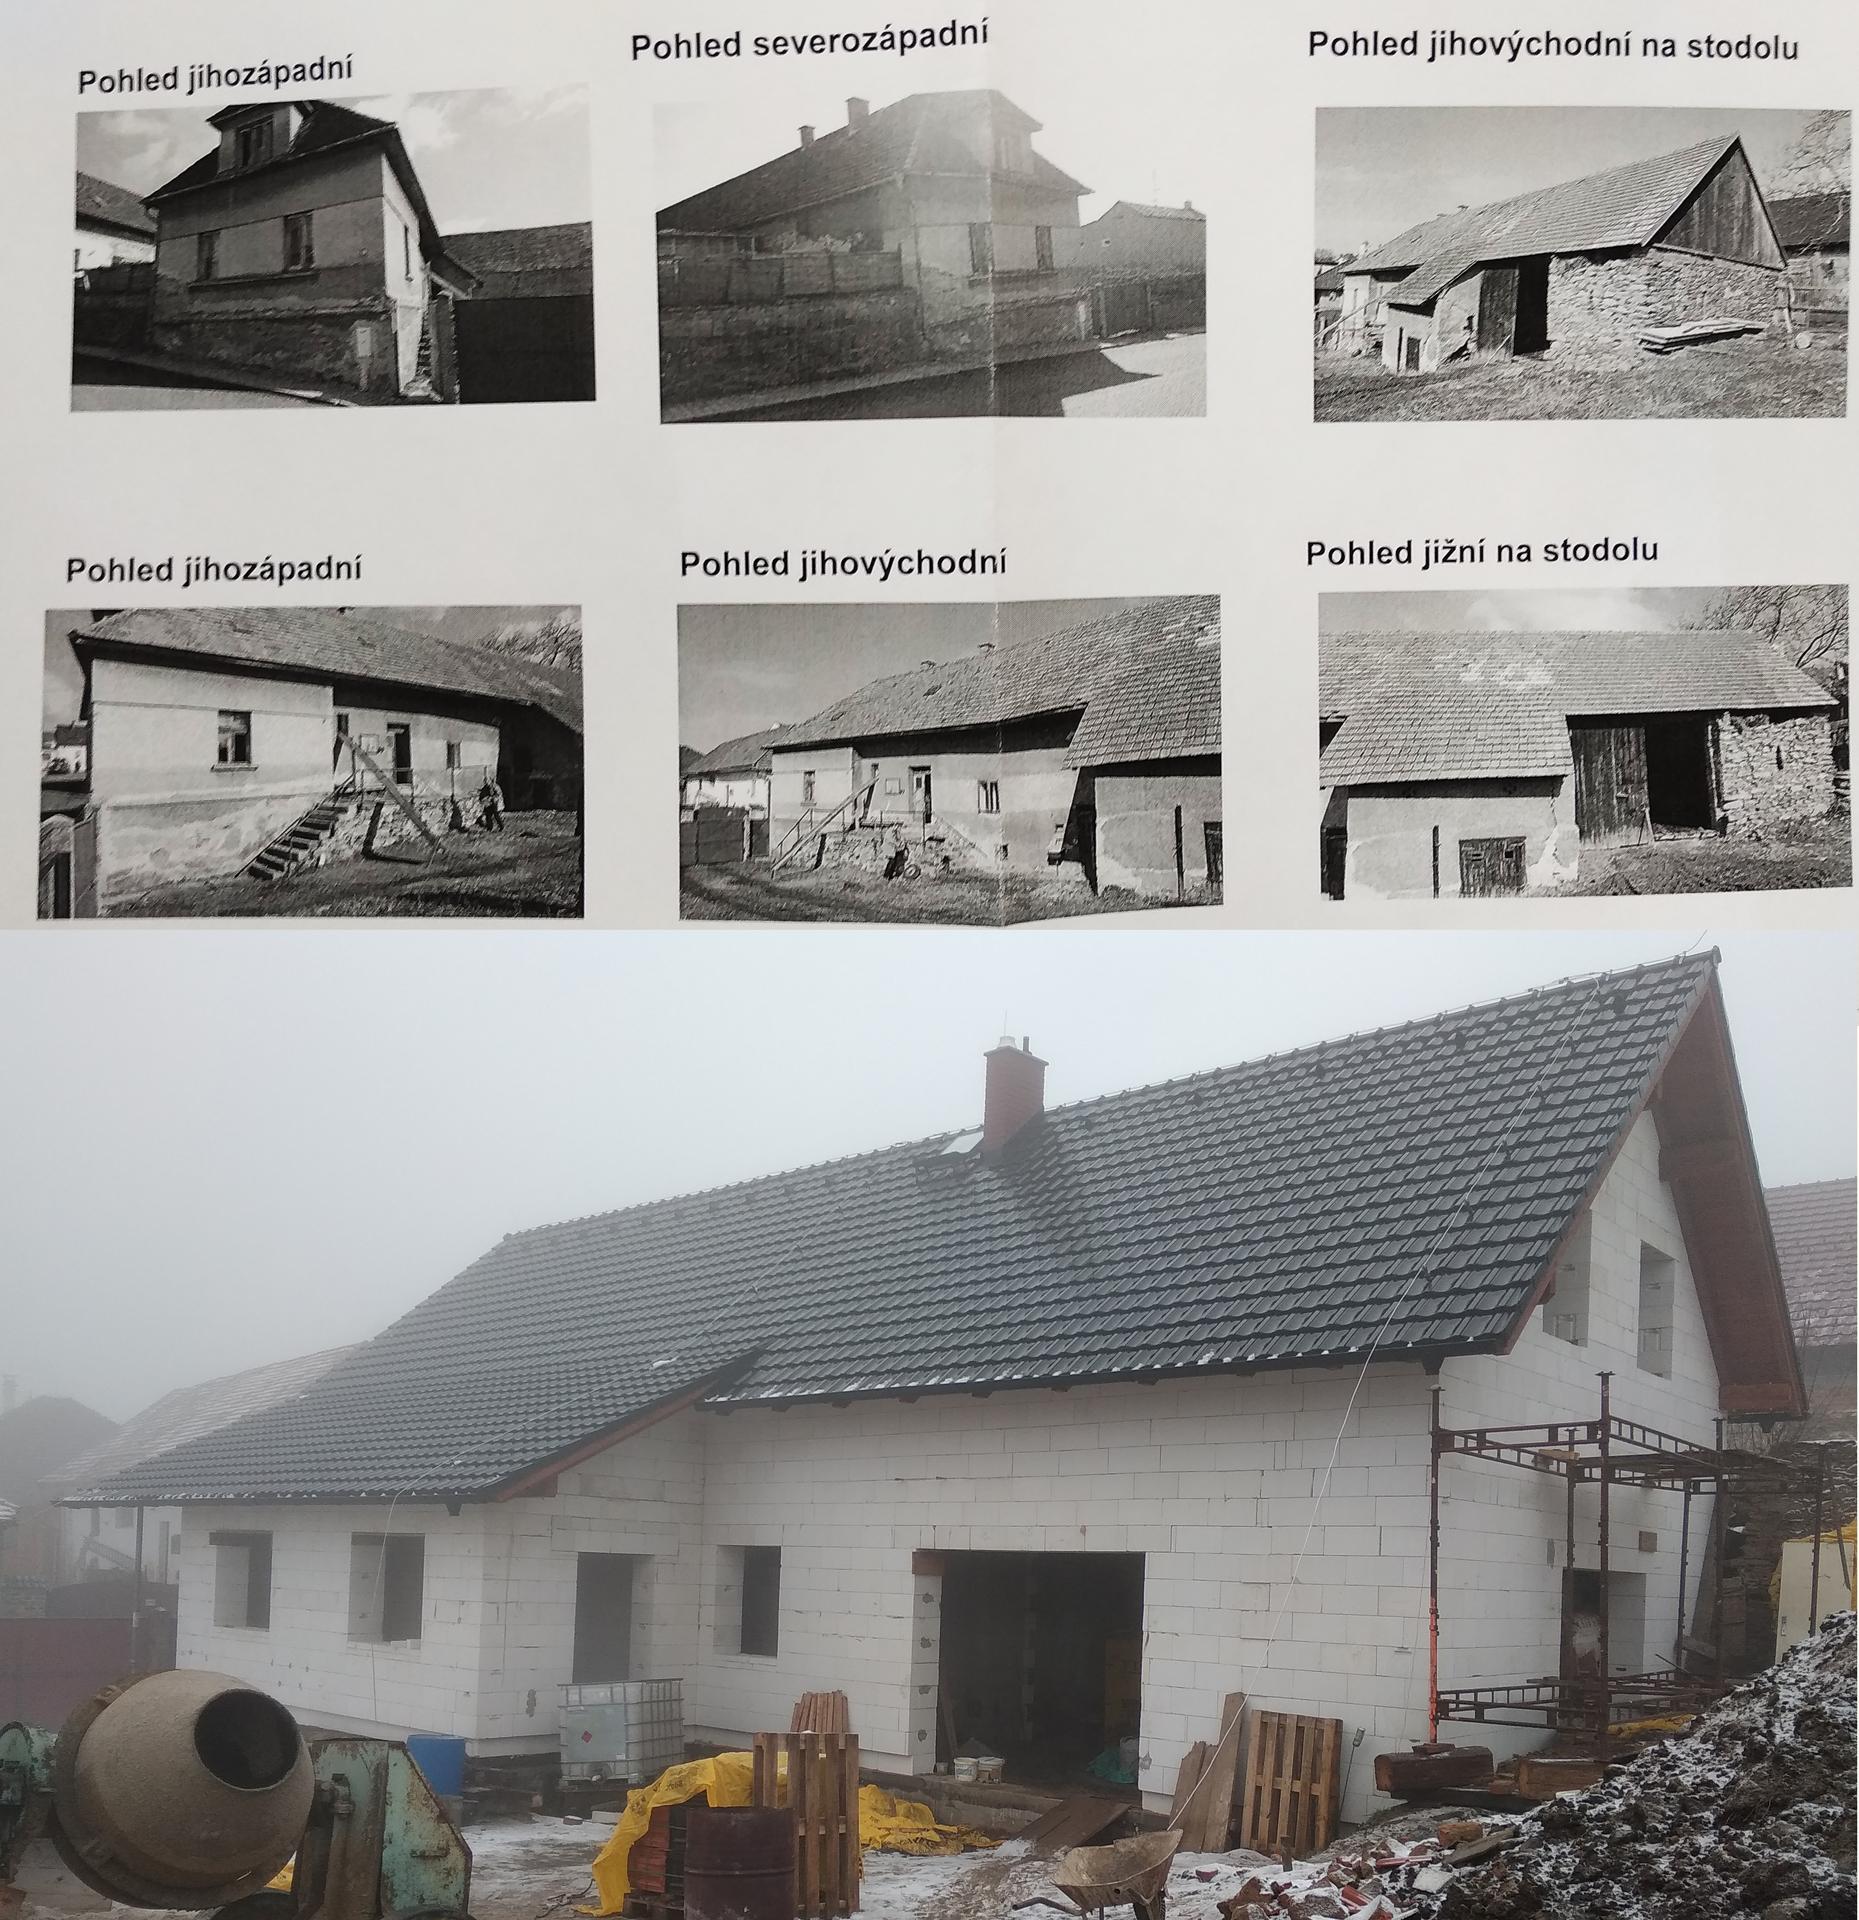 Hrubá stavba - Rozdíl zhruba po roce .